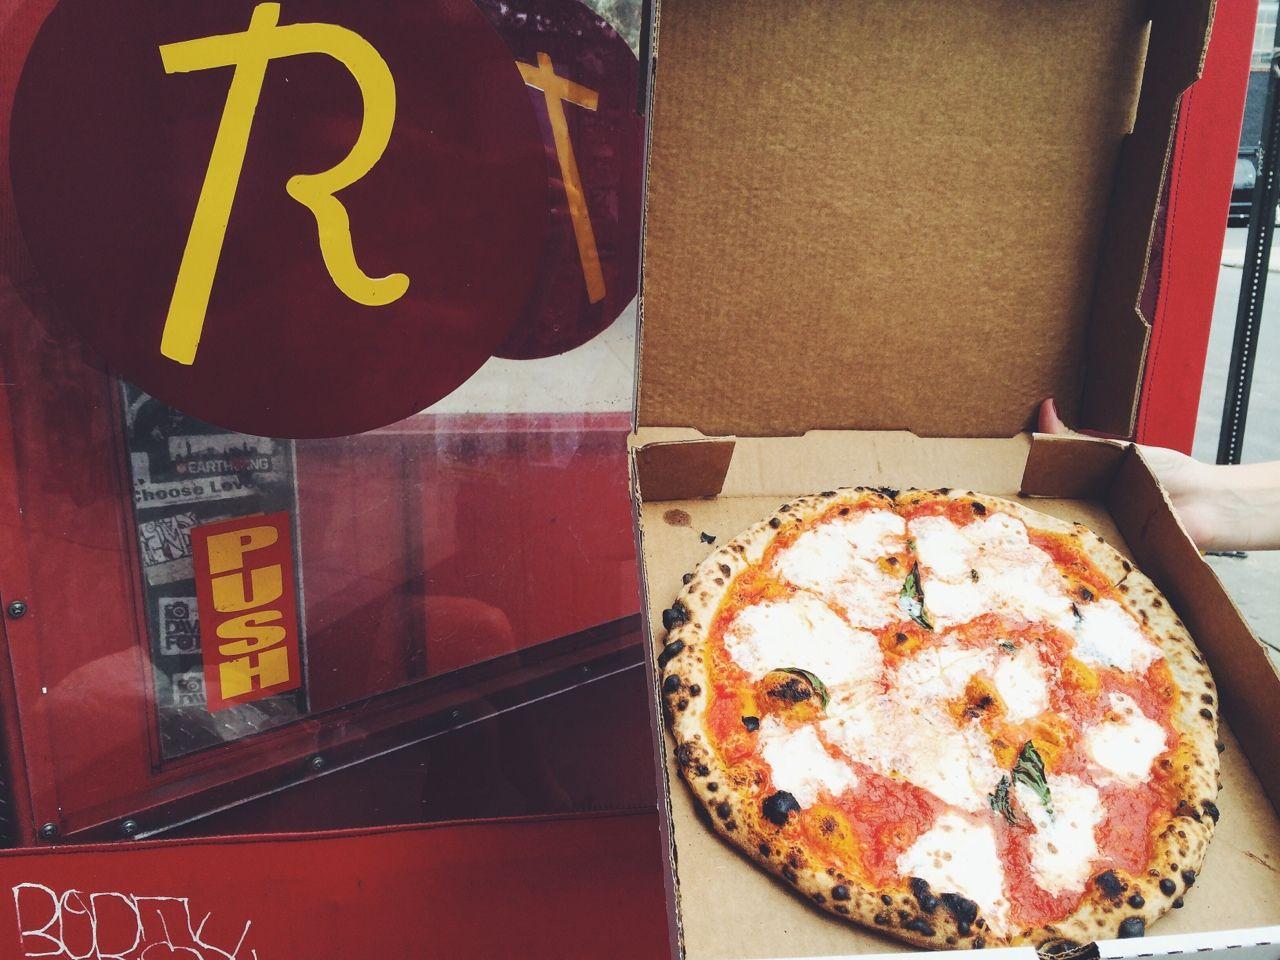 roberta's261 moore st, brooklyn, NYescondida em uma rua de bushwickvc encontra a roberta's que tem a melhor pizza de ny.a espera é sempre muito grande, mas vale a pena!se você não quiser esperar 1 hora e 15 minutos para comer uma opção é pedir a pizza em casa pelo fresh direct:https://www.freshdirect.com/pdp.jsp?productId=fro_pid_3502421&catId=fro_pizza_cheeé claro que não se compara com a pizza fresquinha e feita na hora sem congelar, mas é sempre bom ter umas dessas na ...